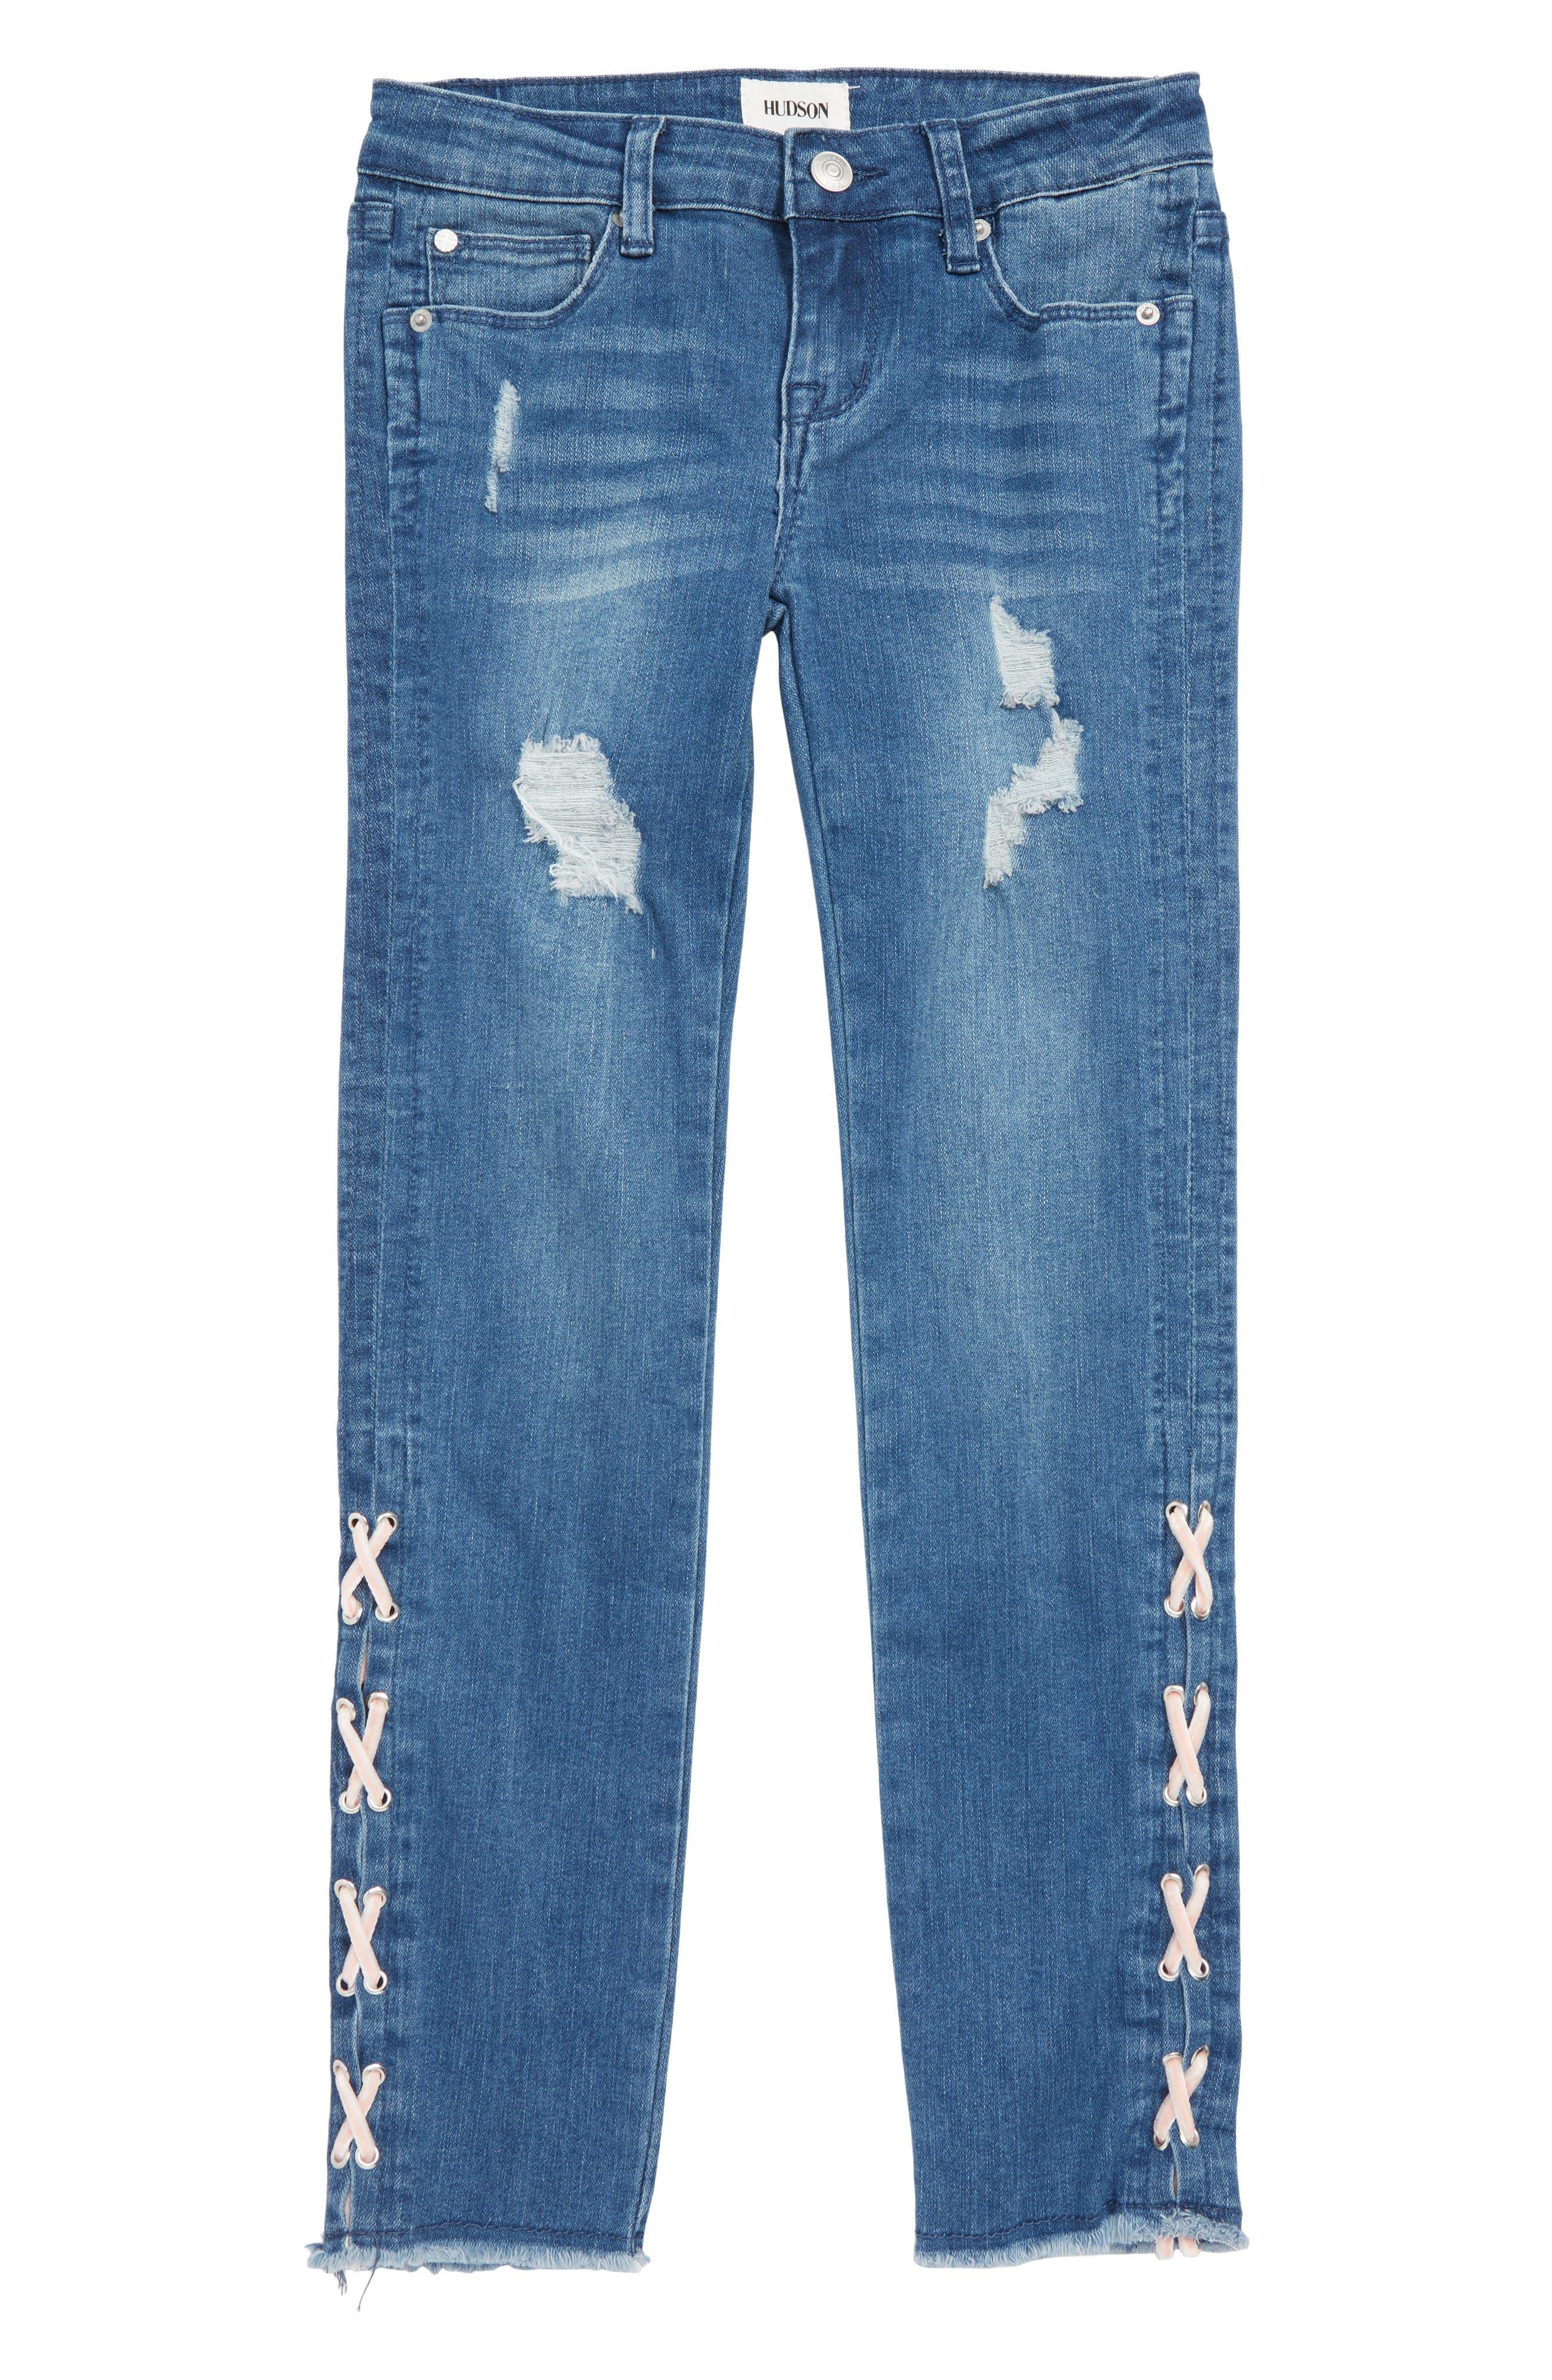 Etta Lace Up Ankle Crop Jeans,                             Main thumbnail 1, color,                             483